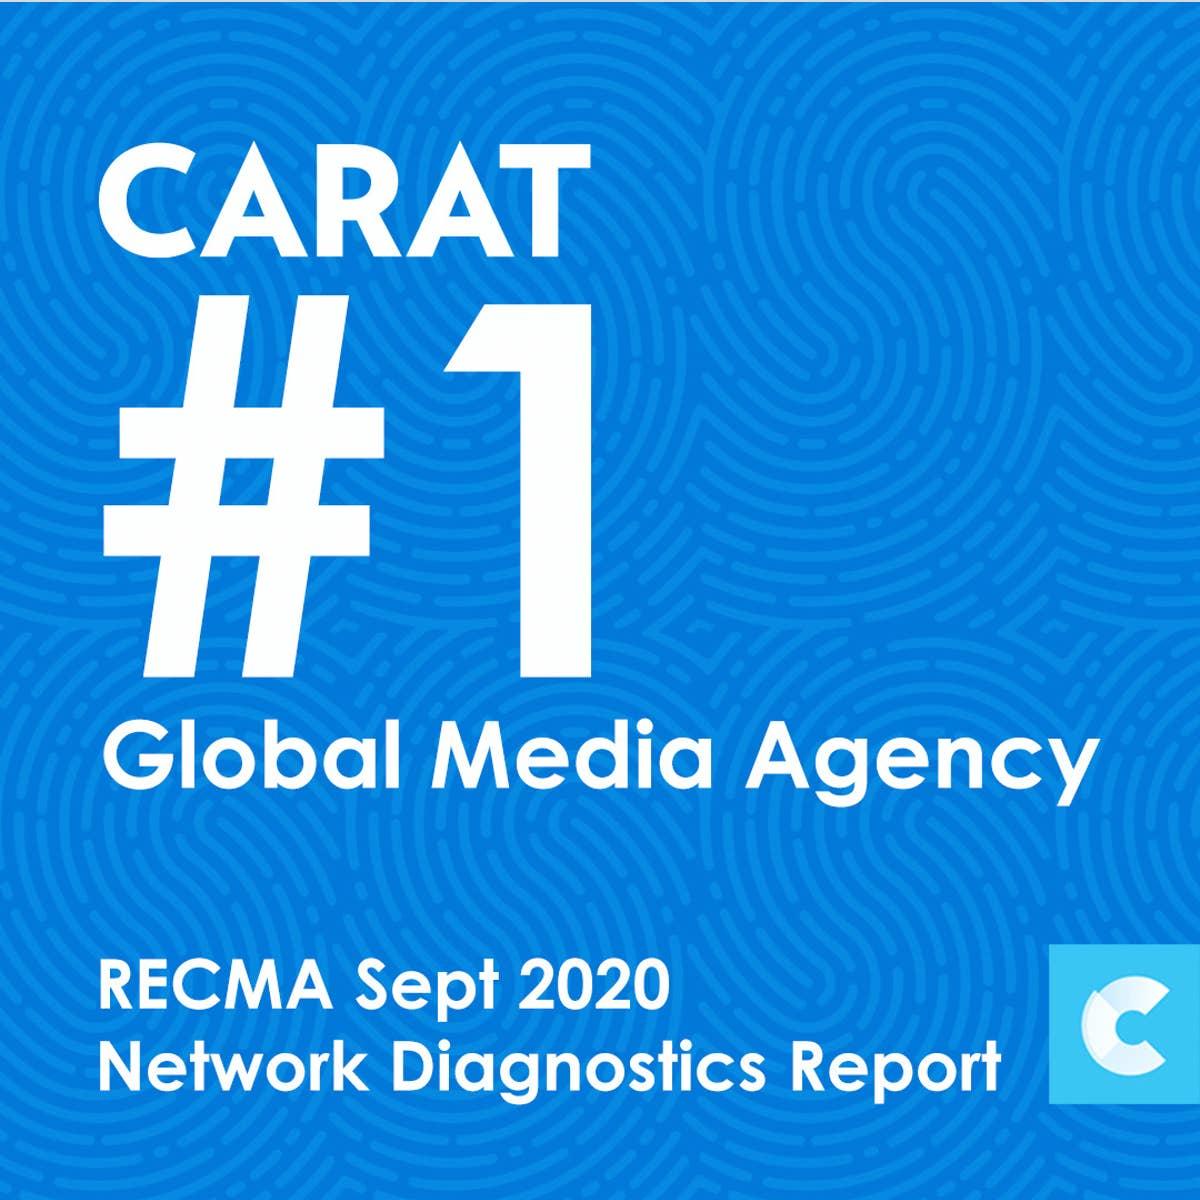 Carat ranked #1 Globally in RECMA Qualitative Diagnostics Report